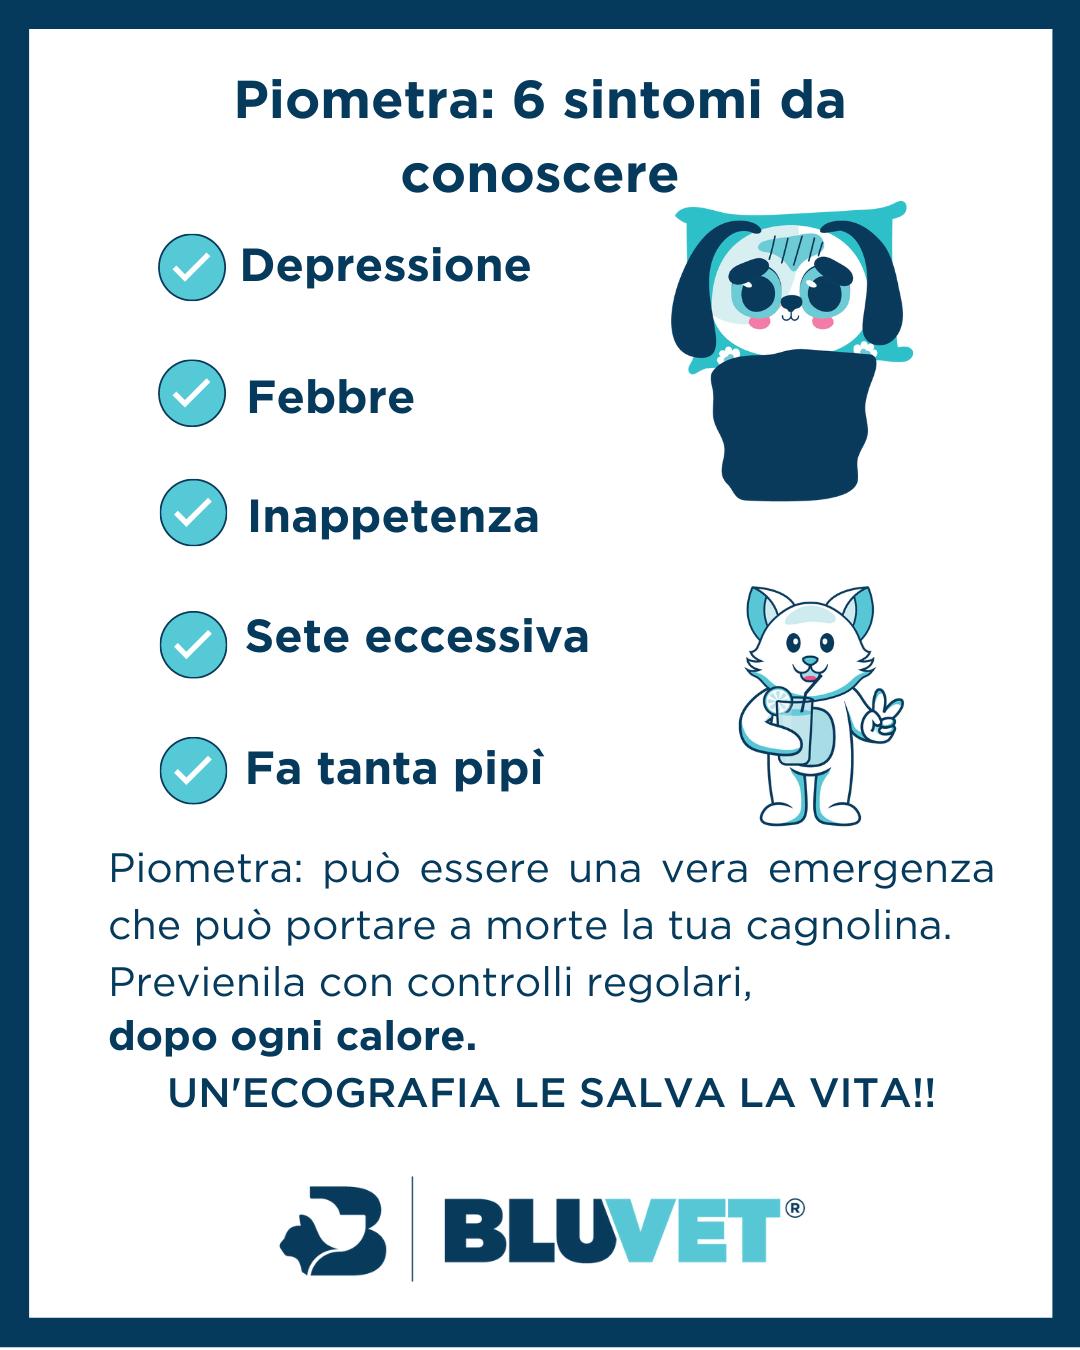 5 sintomi di piometra nella cagnolina